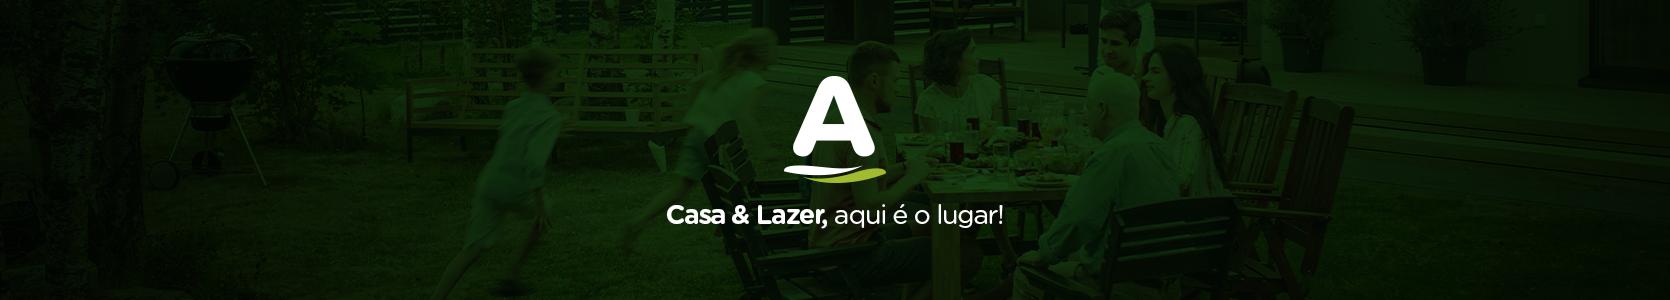 Banner categoria Casa & Lazer